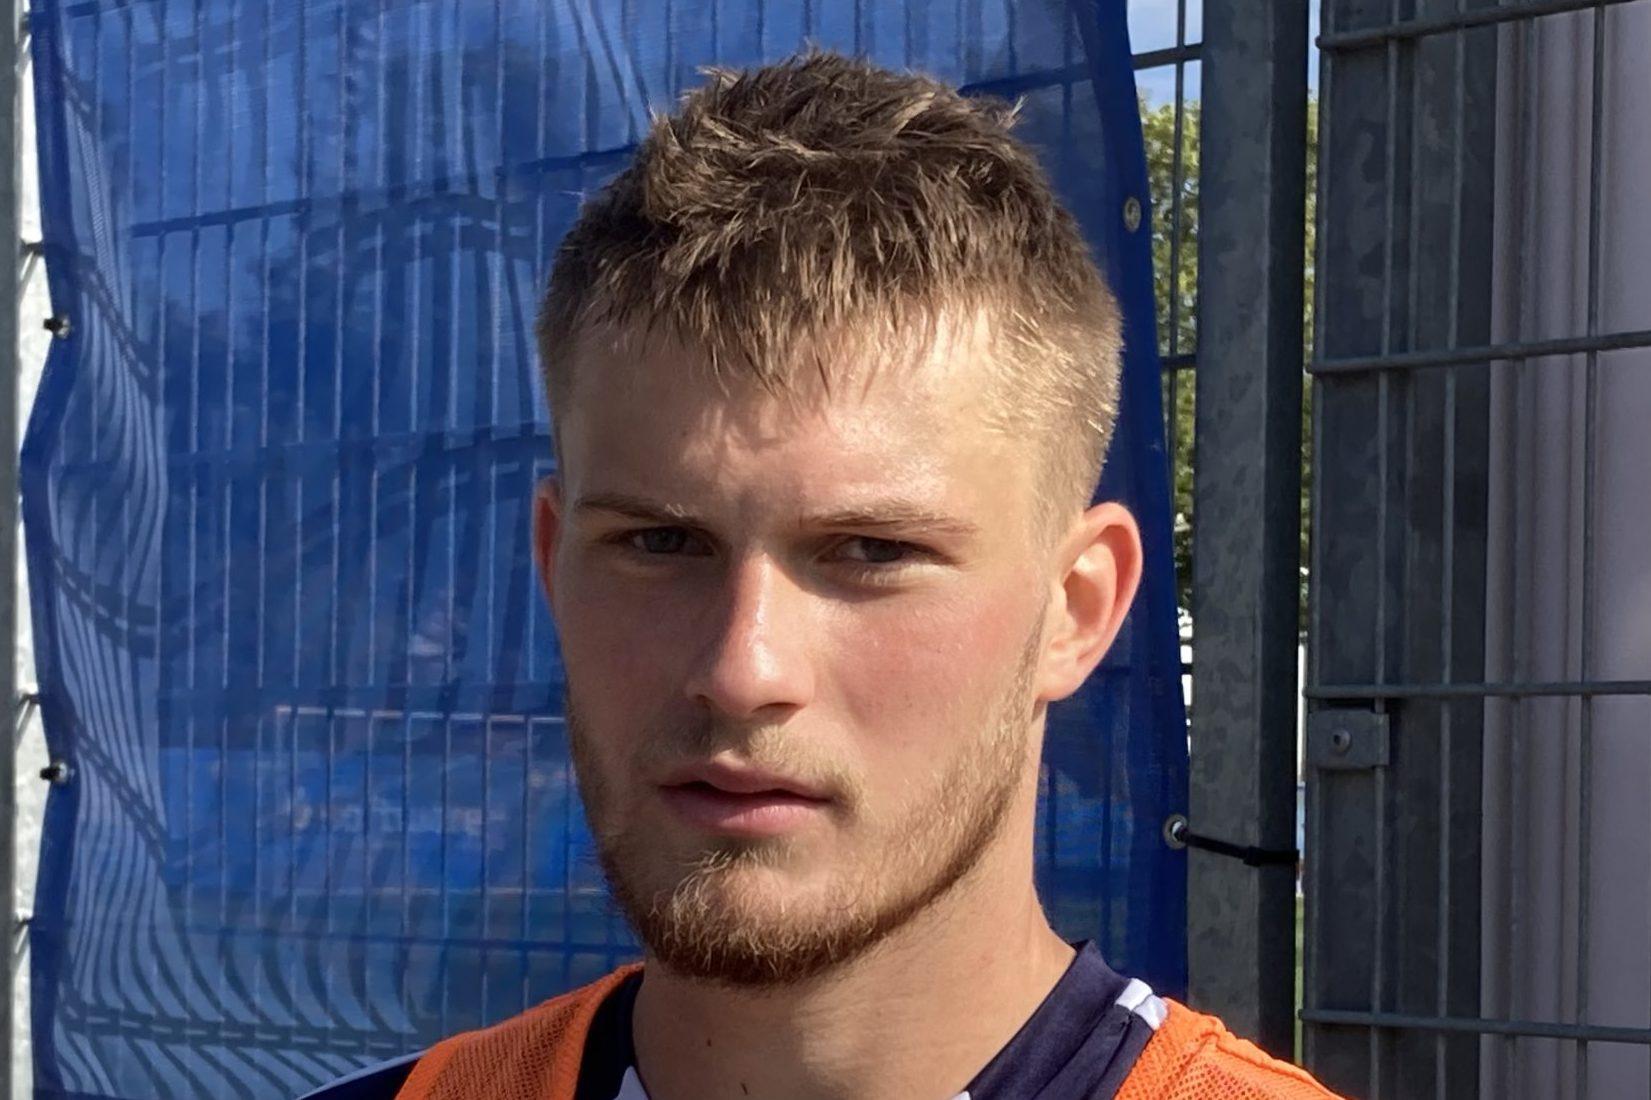 Lukas Mai, der Männerfußball und ein Traum